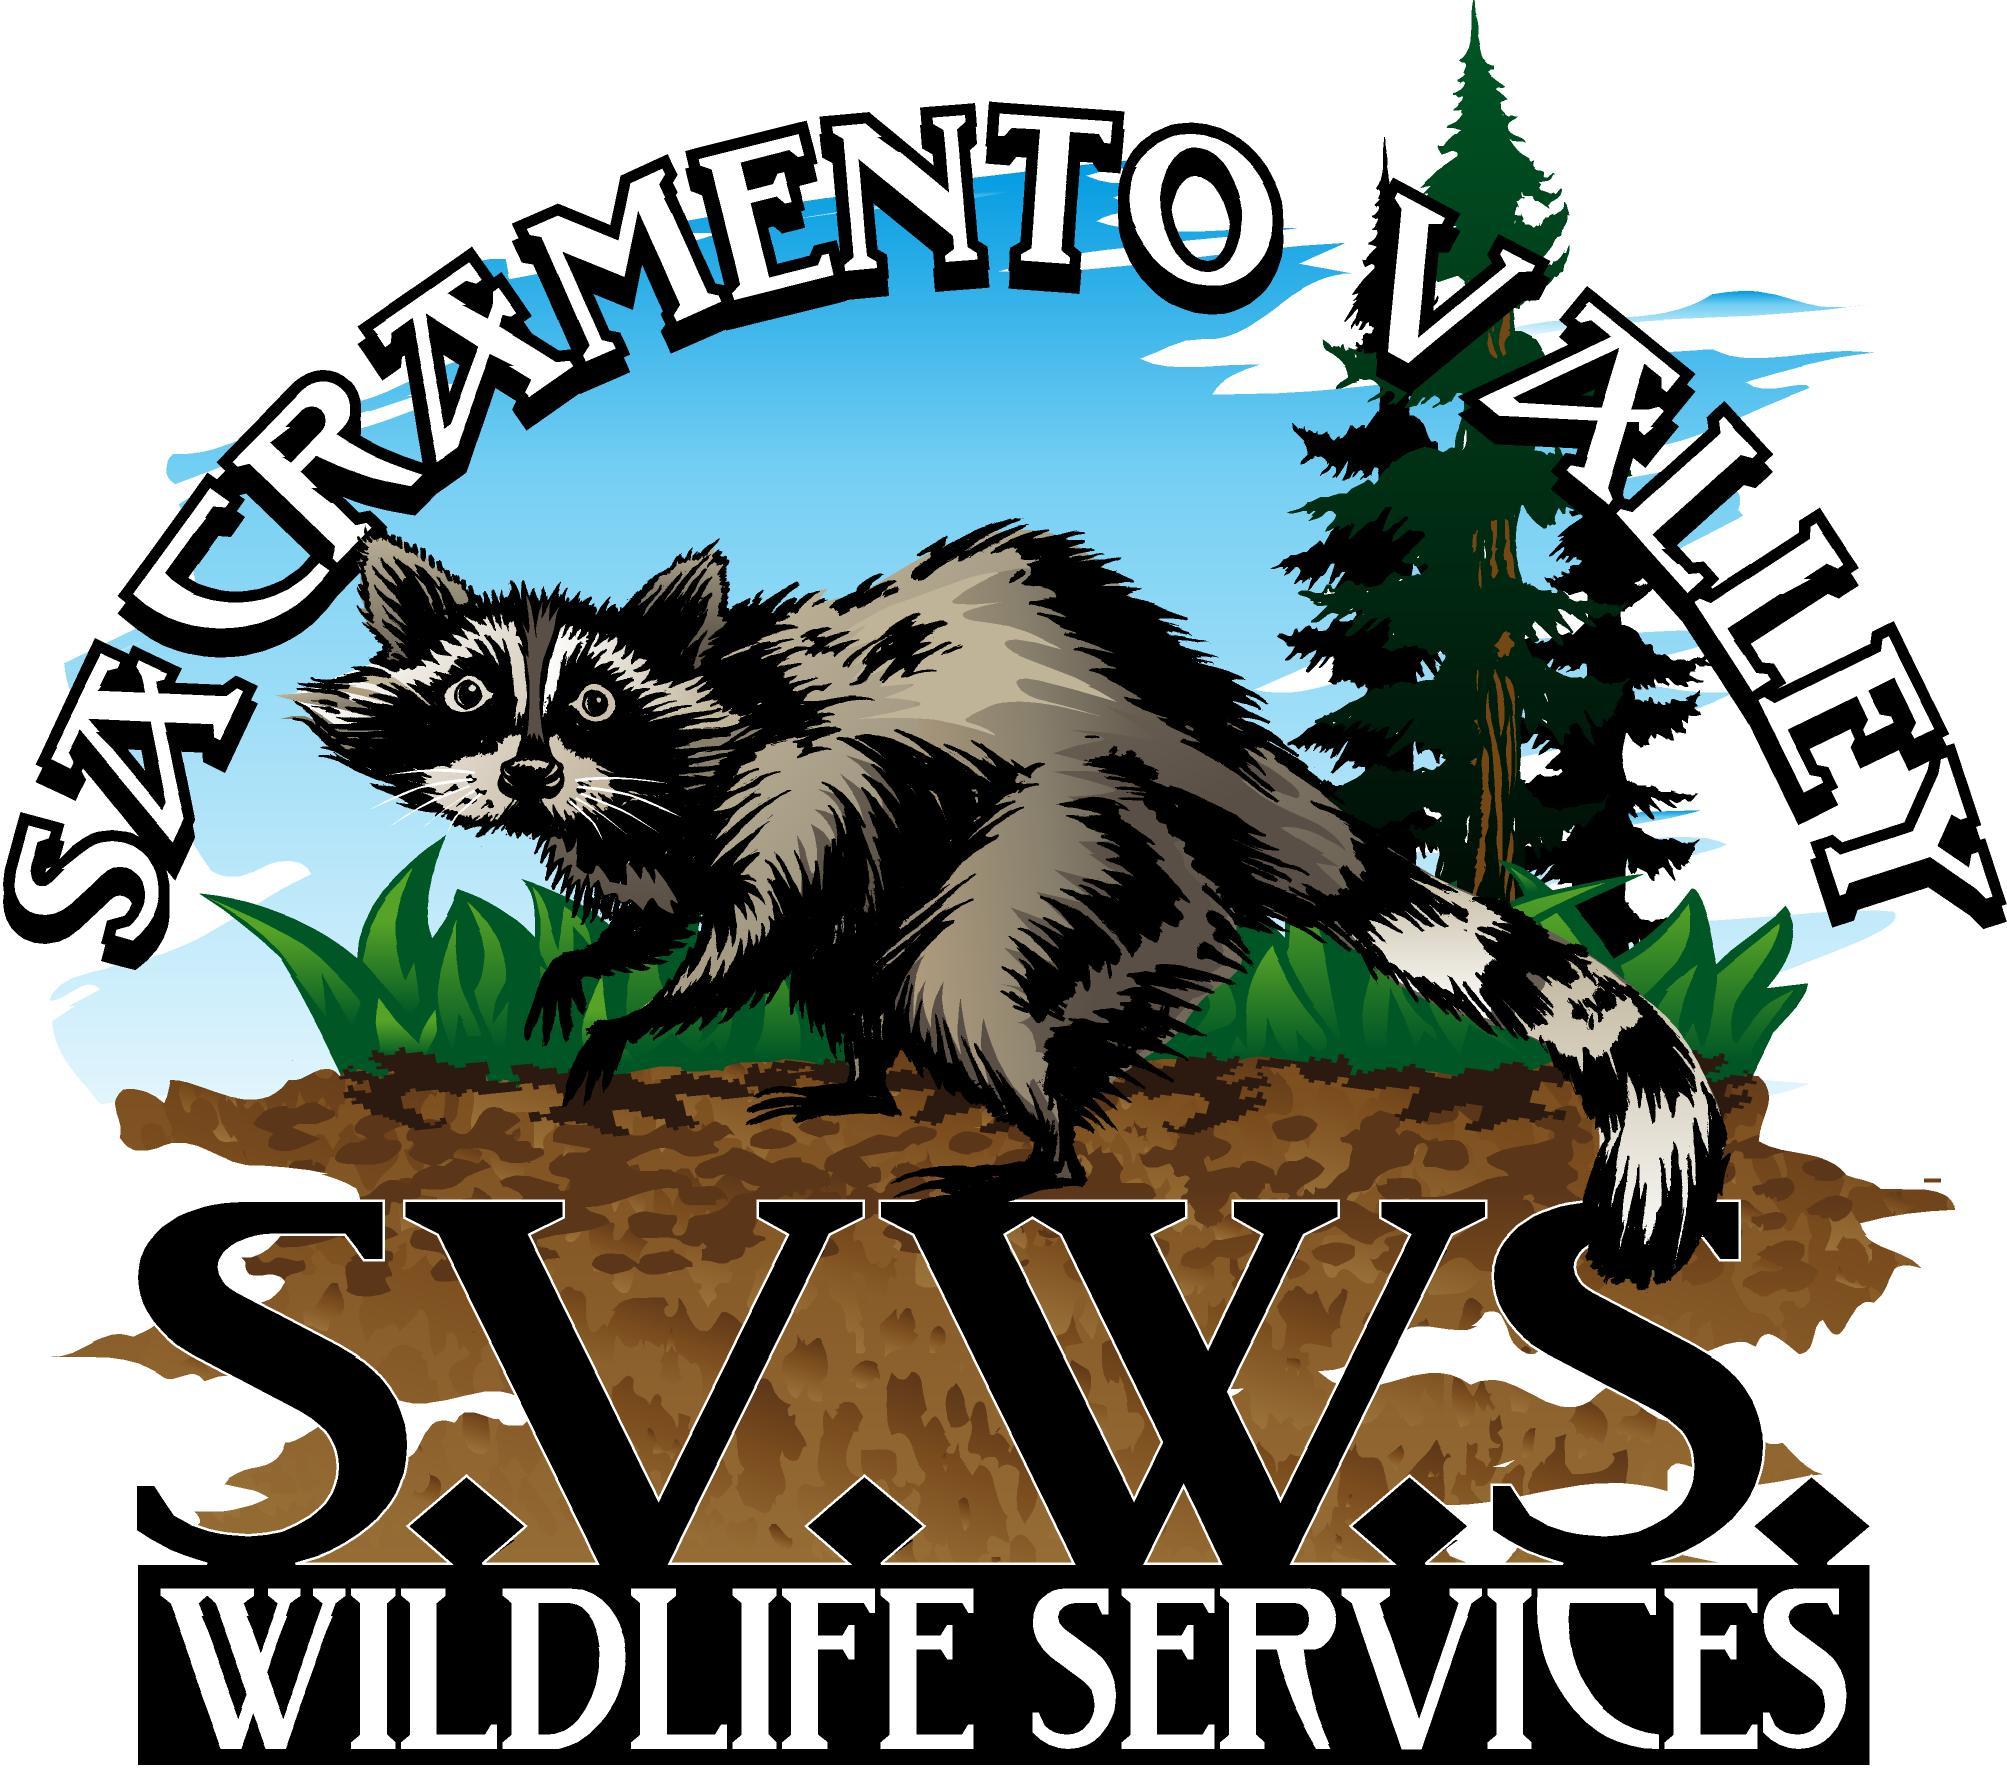 Logo for Sacramento Valley Wildlife Services